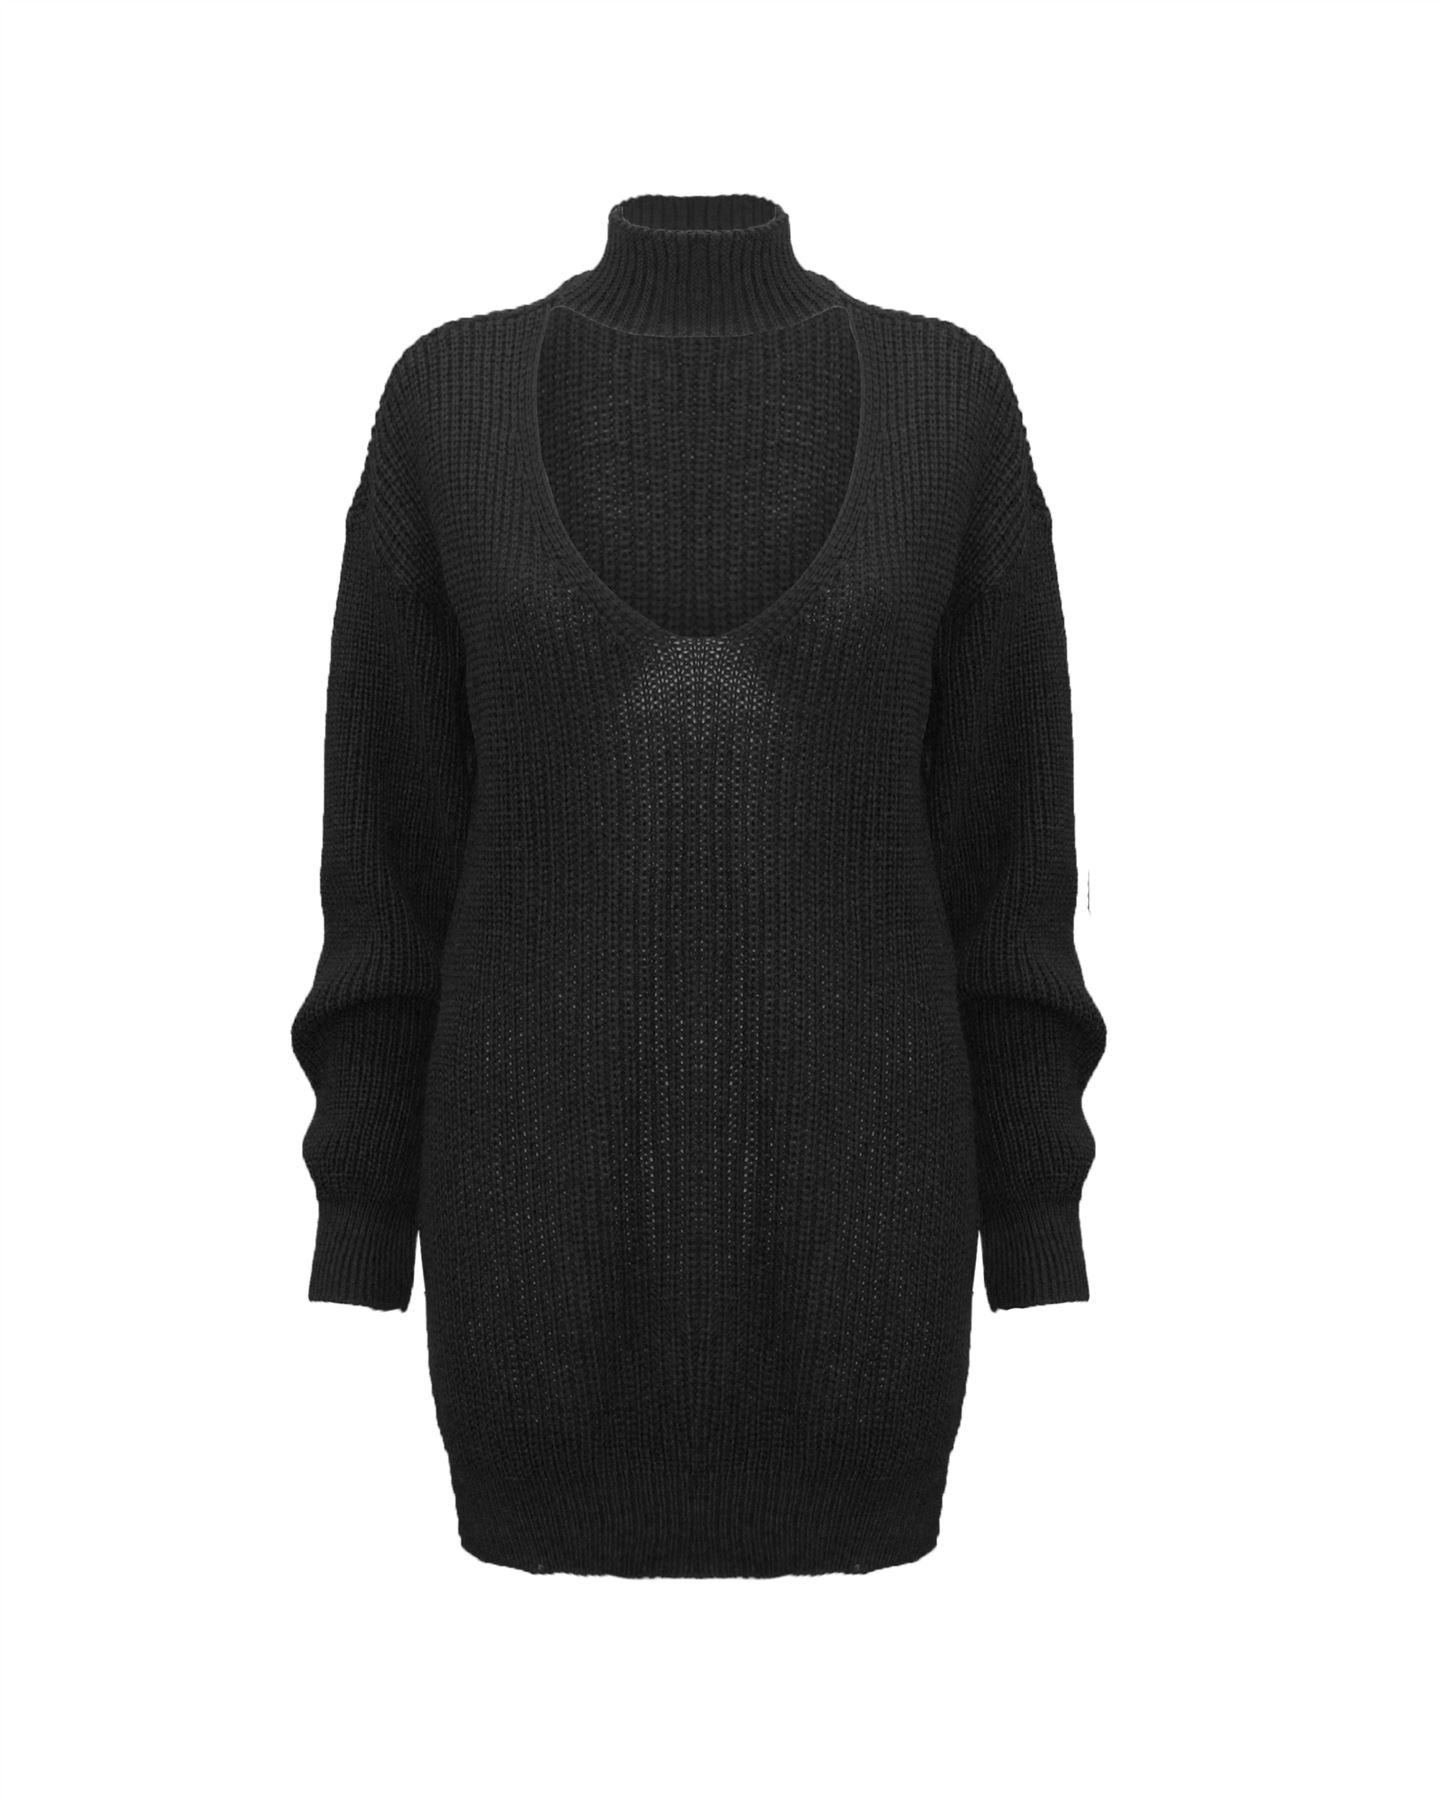 Le-donne-Donna-A-Maglia-Girocollo-Maglione-a-trama-grossa-Collo-Top-Baggy-Over-dimensionati-sweater miniatura 4